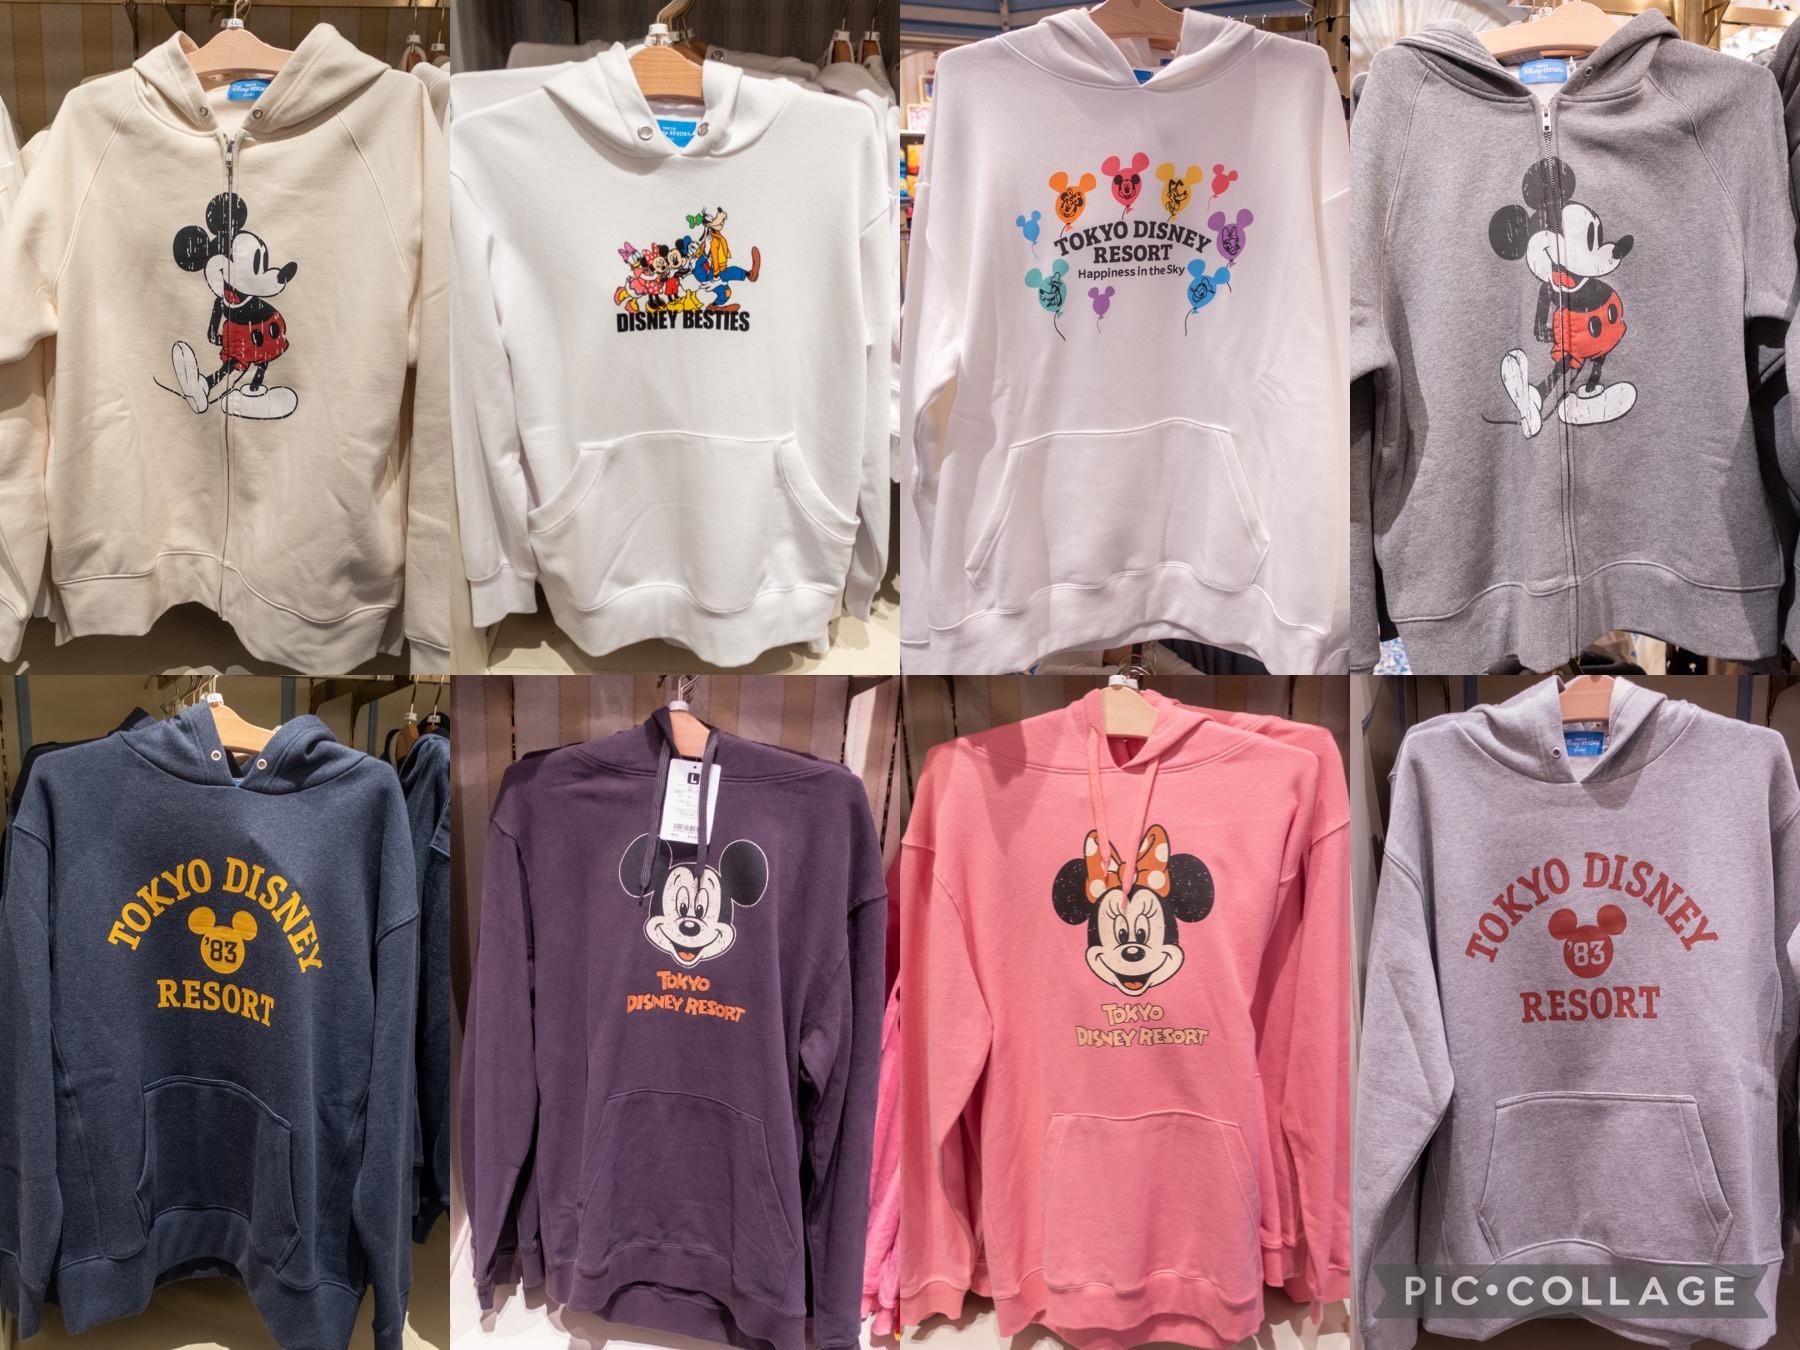 【2019】ディズニーのパーカー43選!ダッフィー&フレンズや、セーター、ジャケット、長袖シャツも